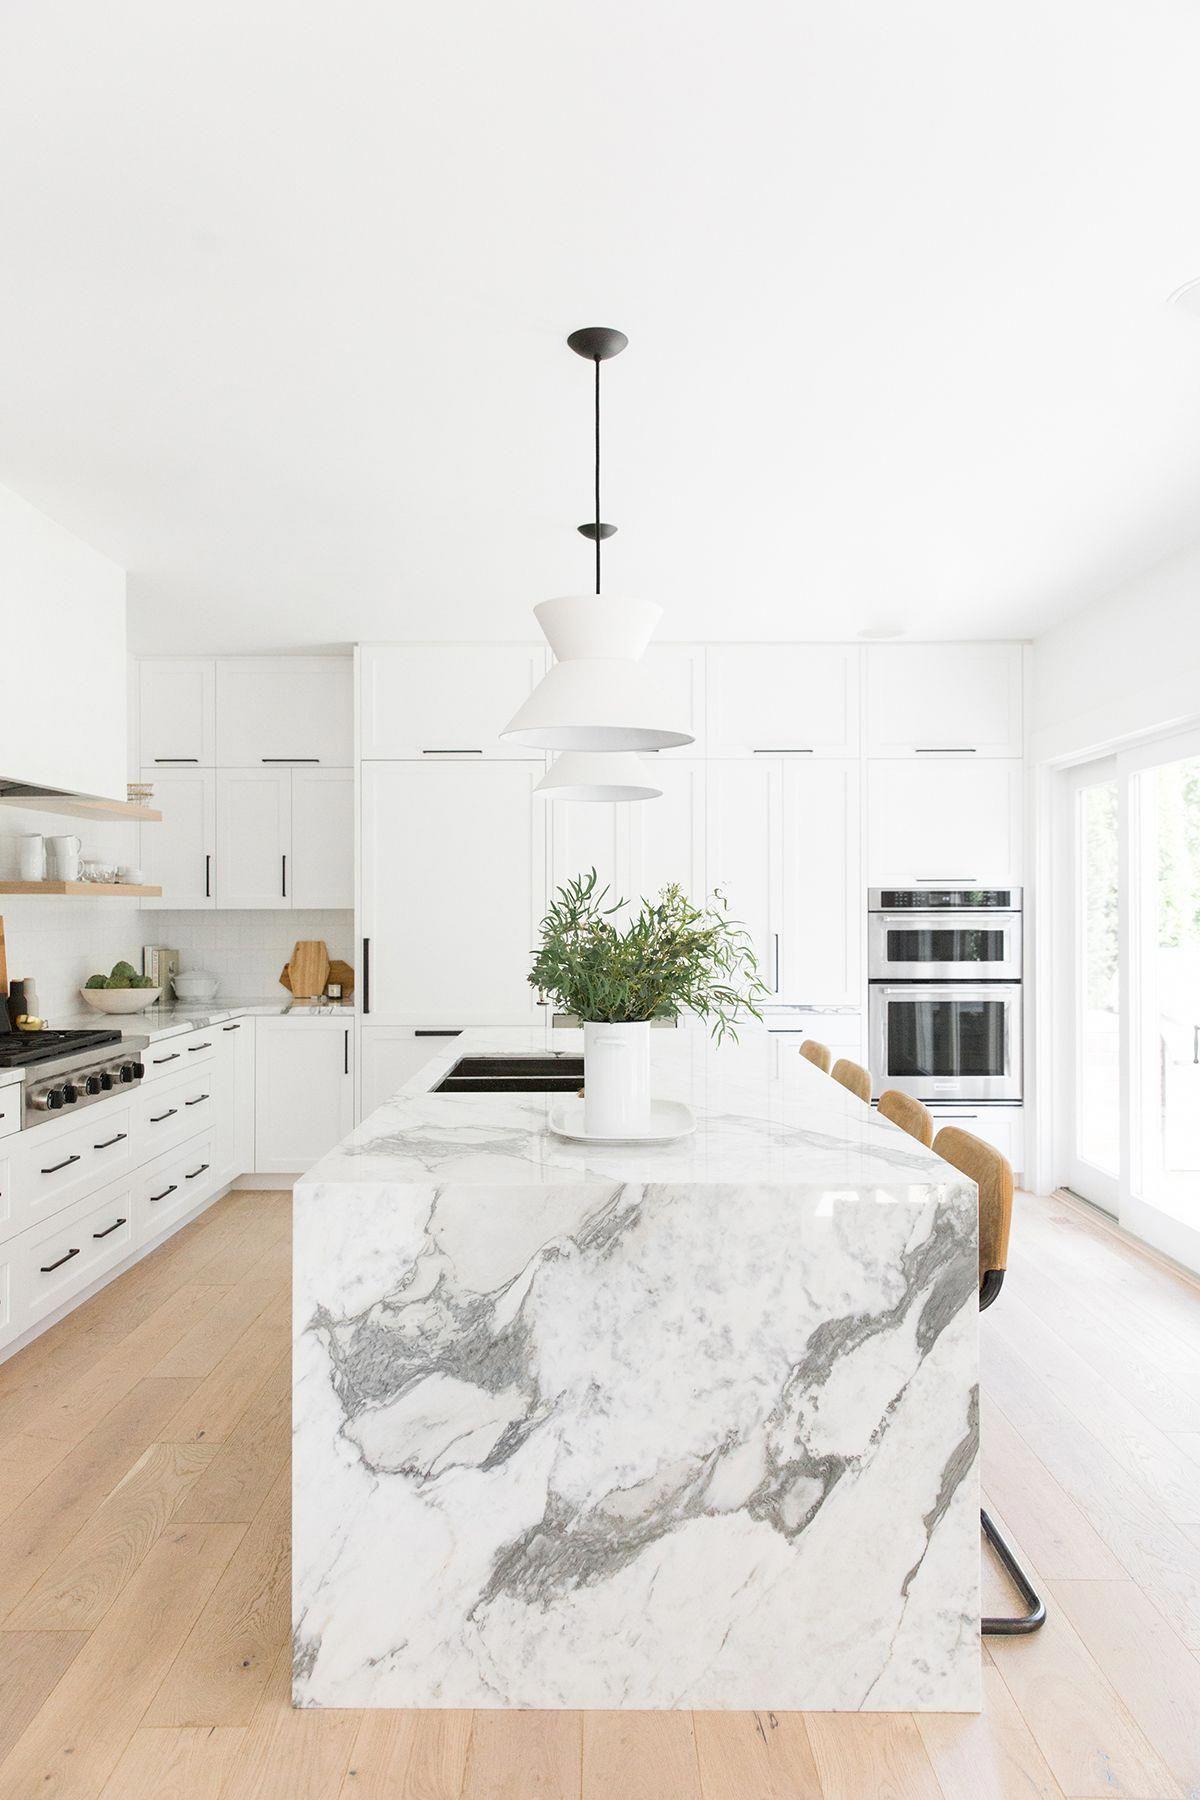 Find More Ideas Kitchen Lighting Fixtures Kitchen Lighting Over Island Farmhouse Kitchen Li White Modern Kitchen Interior Design Kitchen Modern Kitchen Design